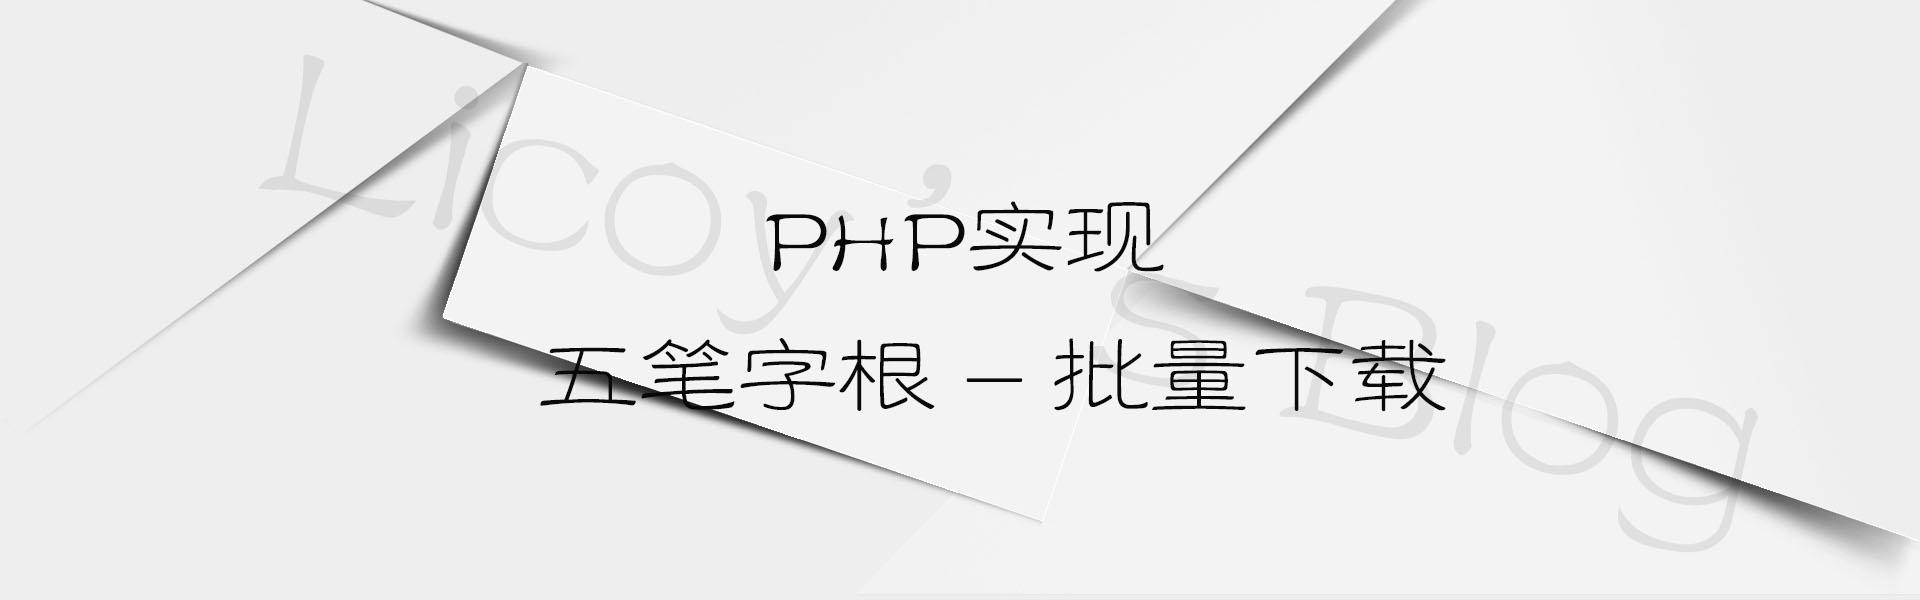 PHP批量下载五笔字根拆分解GIF图